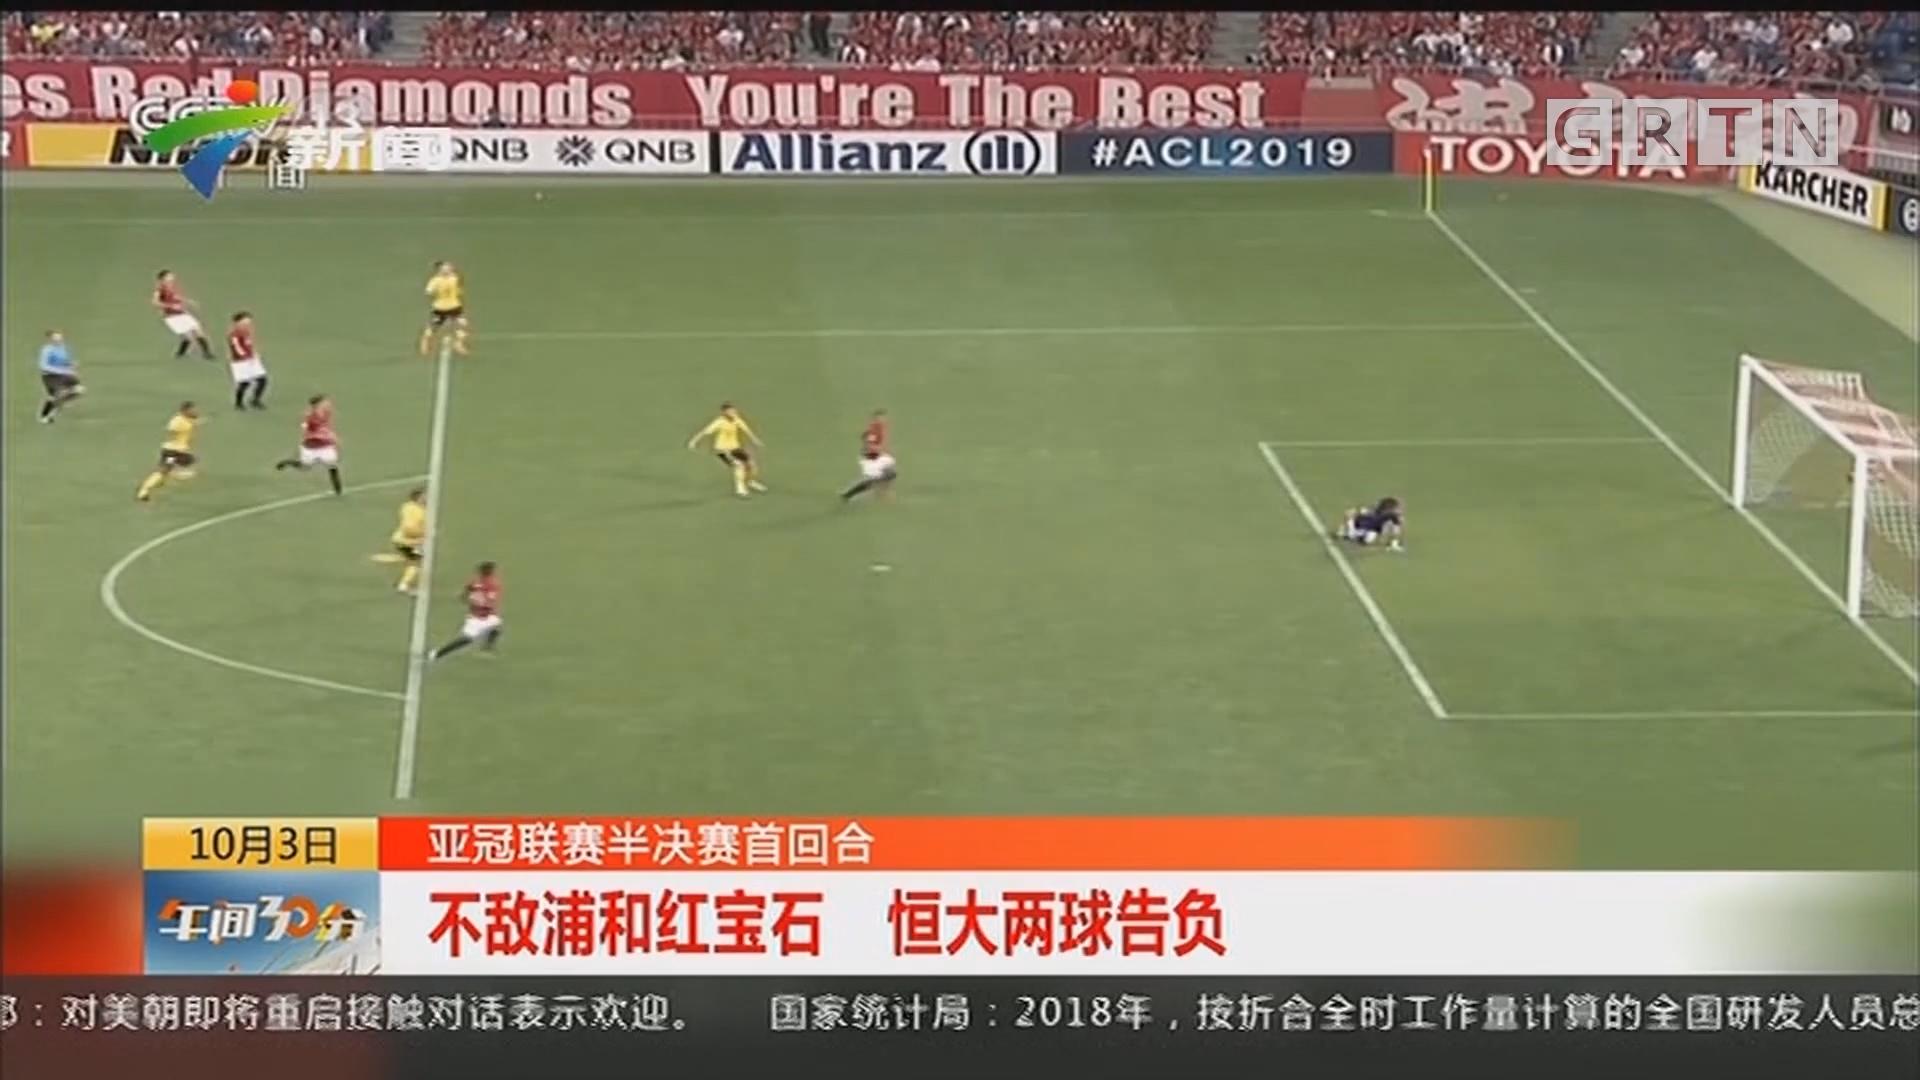 亚冠联赛半决赛首回合:不敌浦和红宝石 恒大两球告负